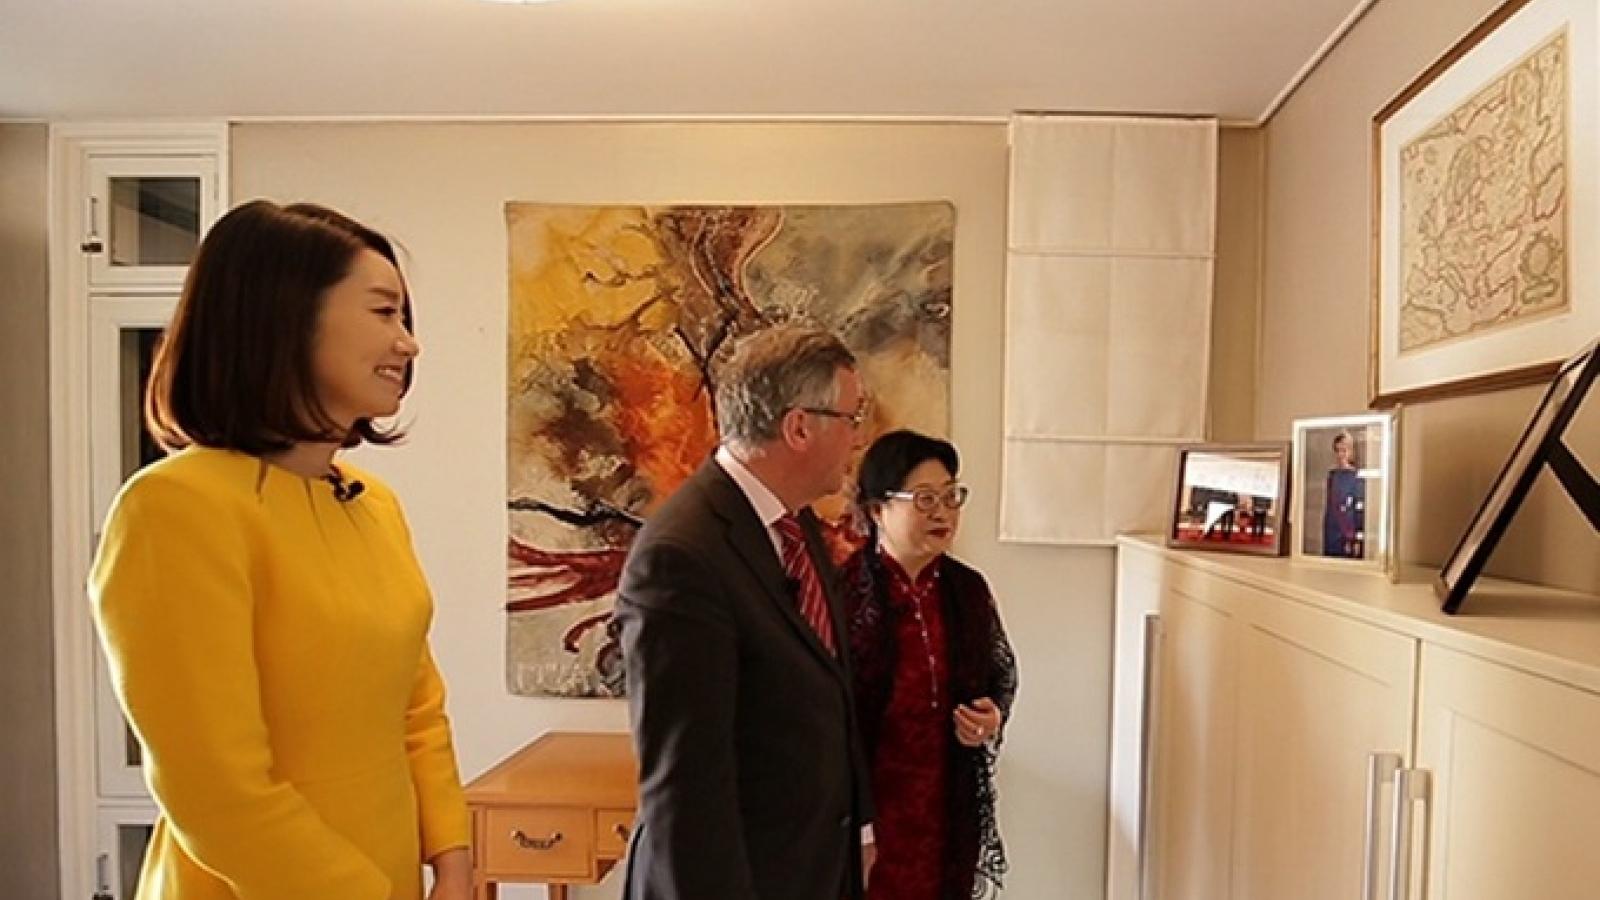 Phu nhân Đại sứ Bỉ tại Hàn Quốc bị triệu tập bởi nghi vấn có hành vi bạo lực